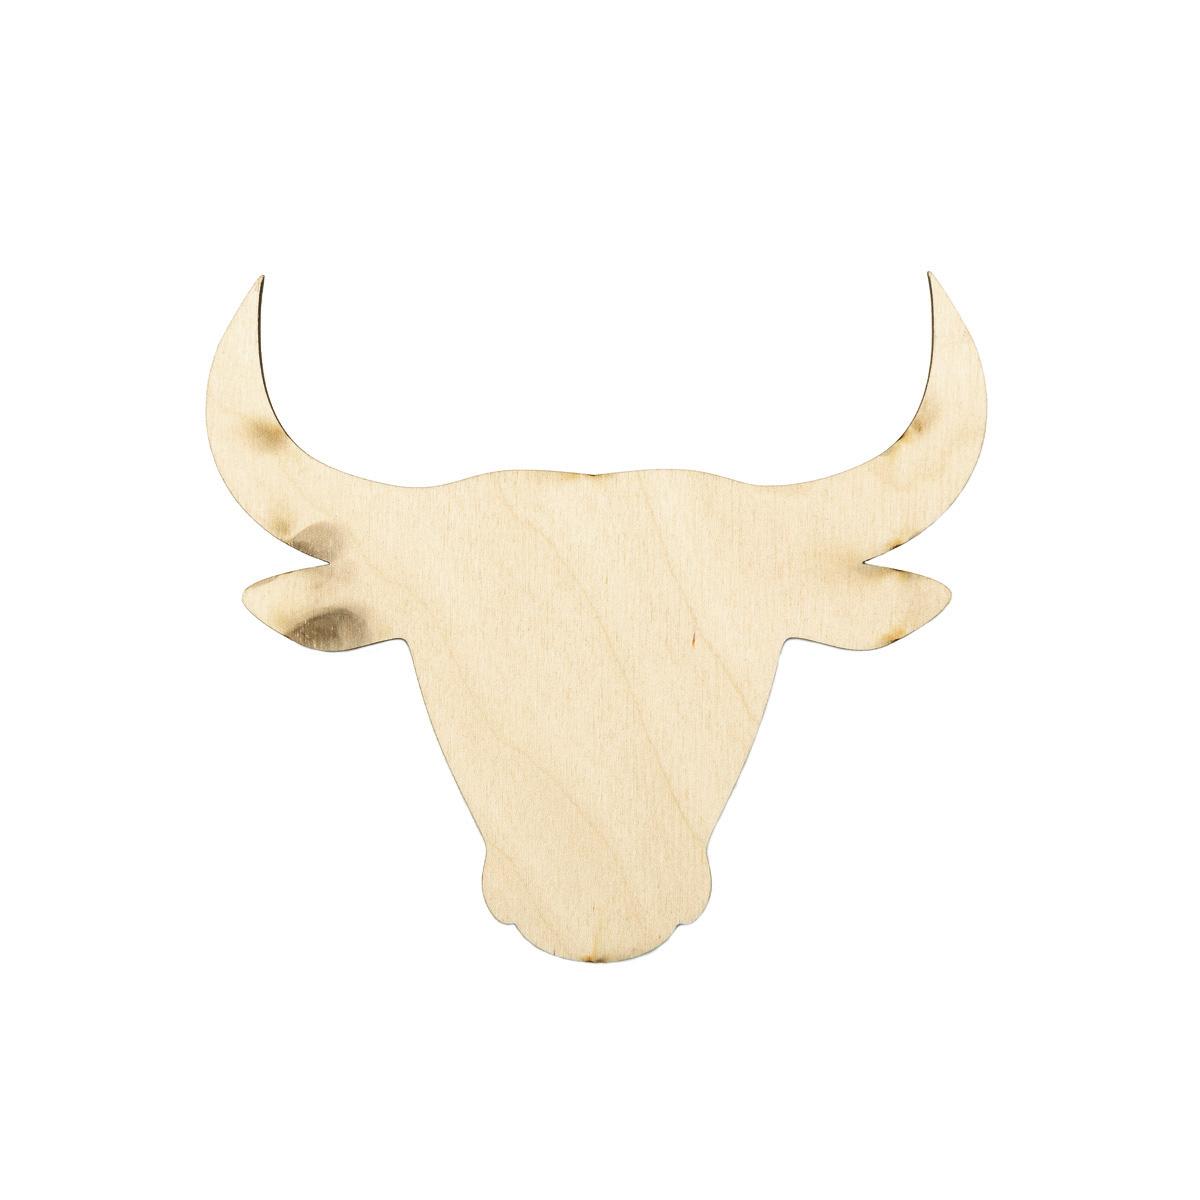 L-1444 Деревянная заготовка ' Голова быка' 12,5*15*0,3см Astra&Craft